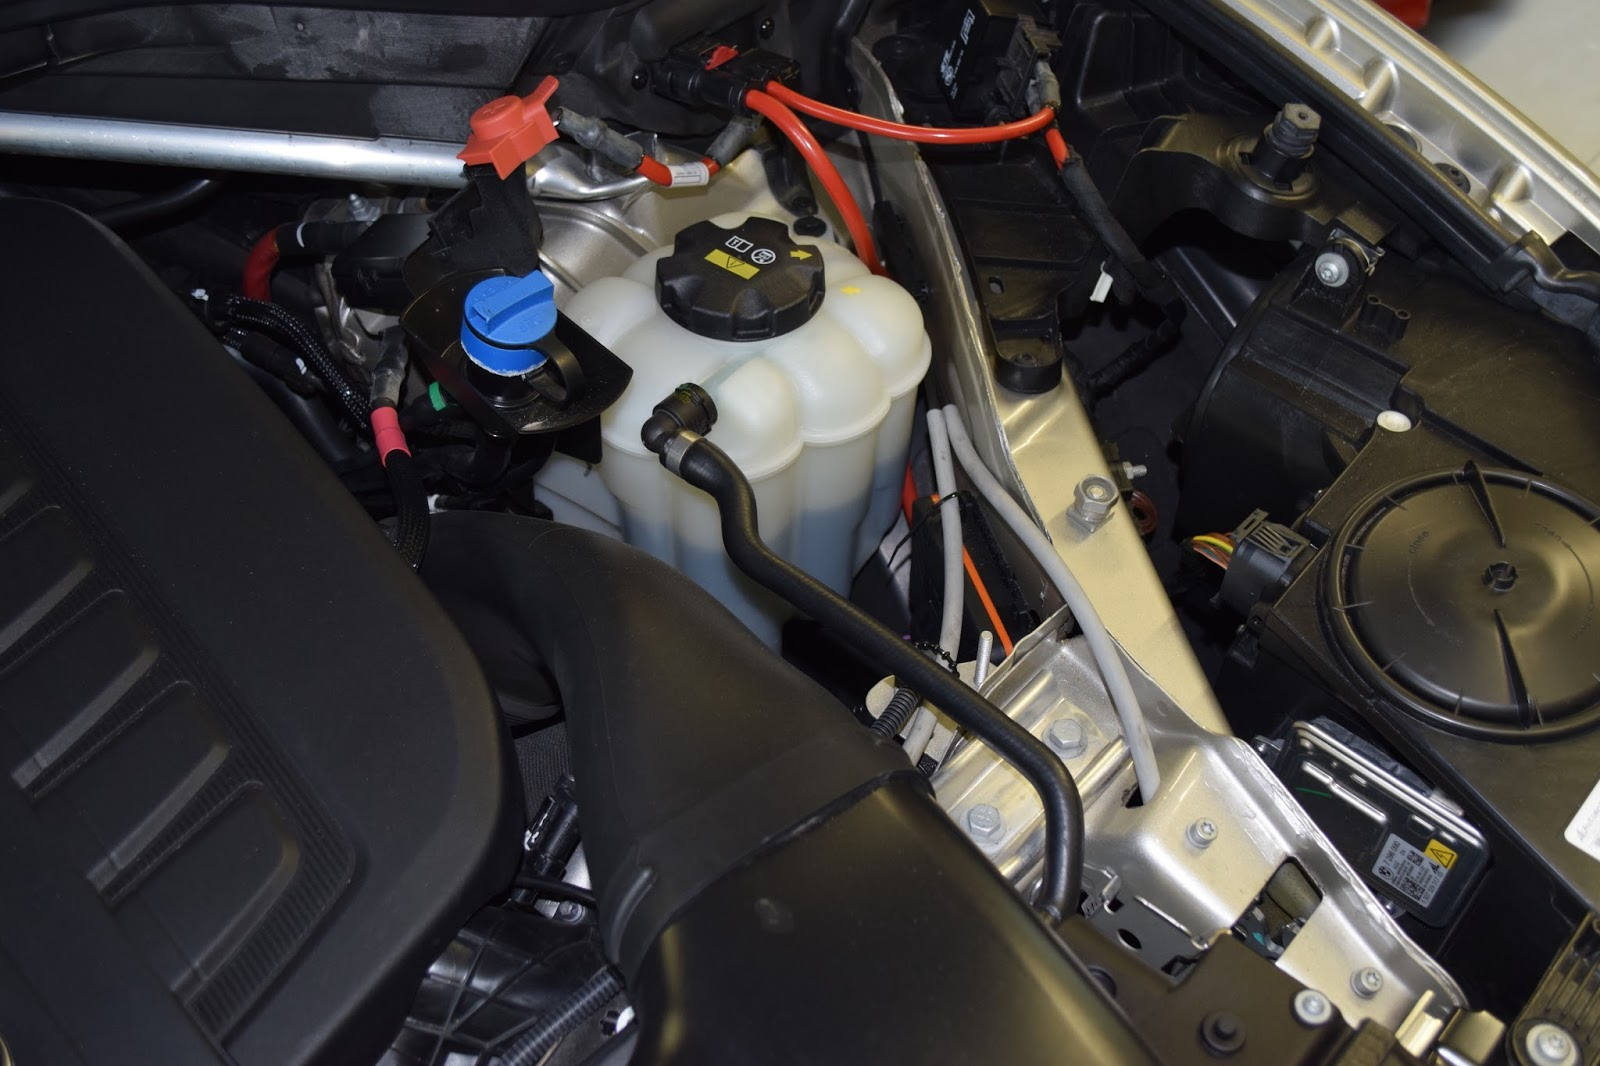 hight resolution of  x5nut bmw n wiring harness on bmw n54 bmw n55 bmw n62